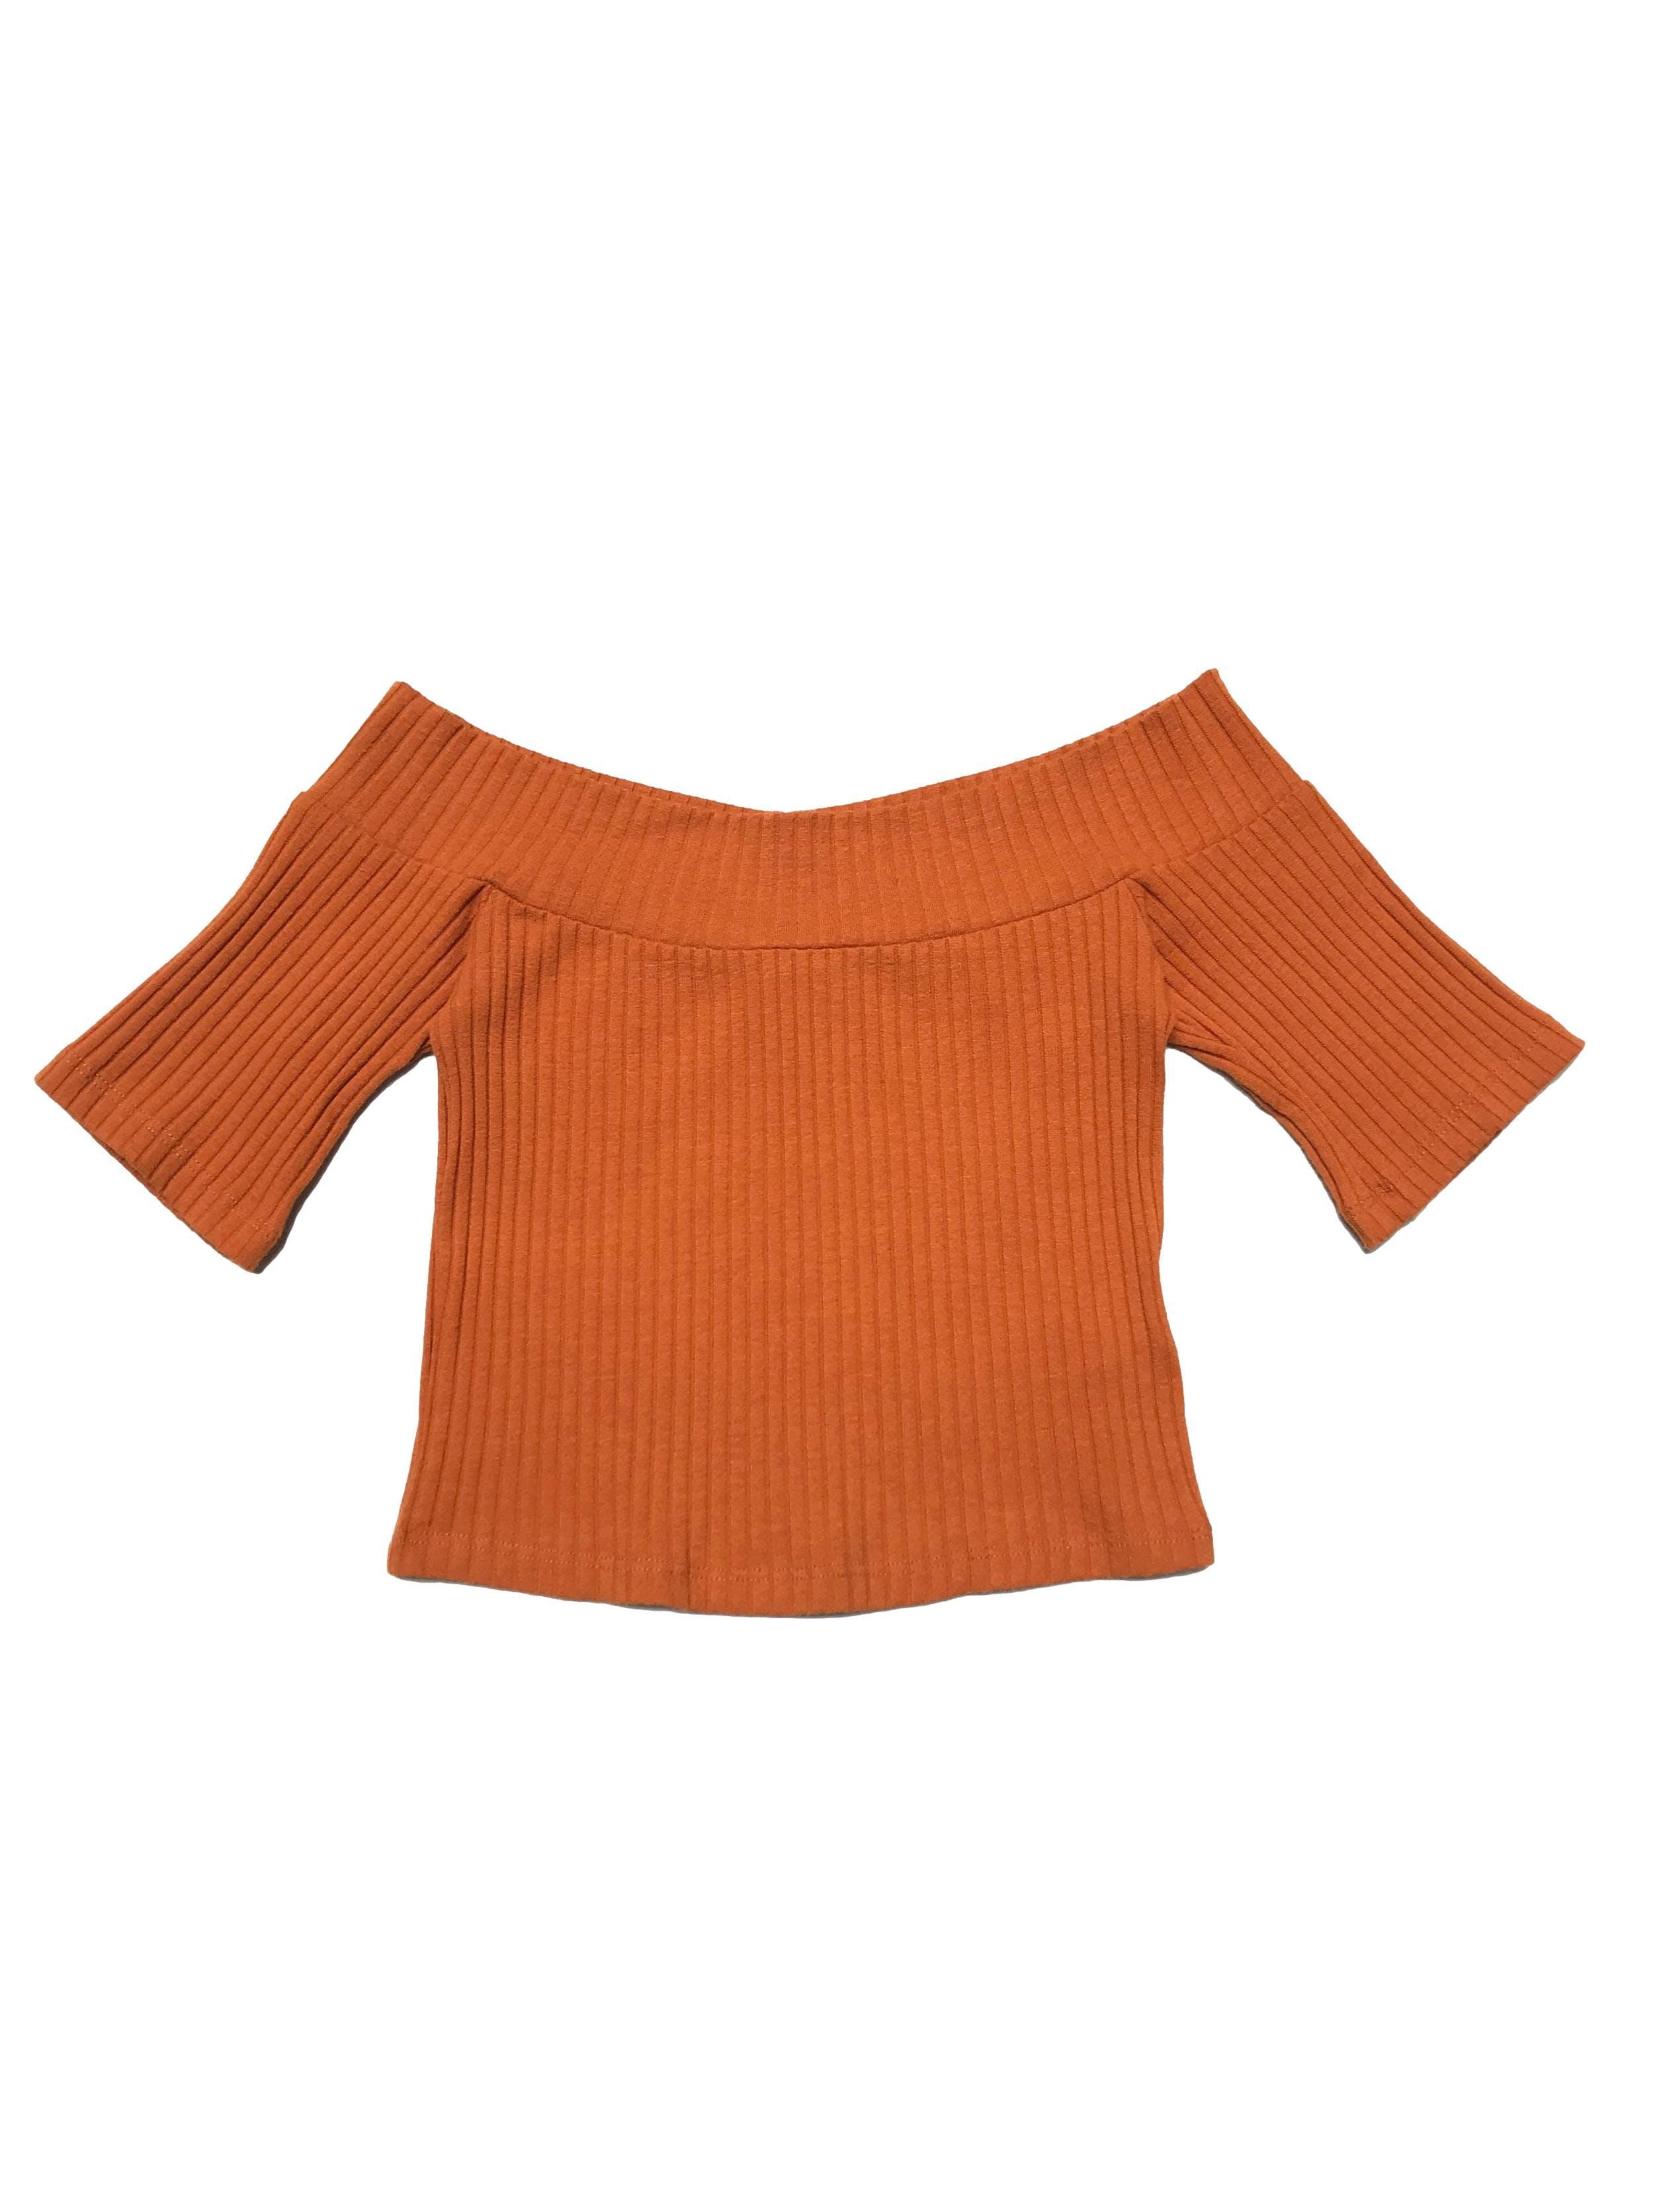 Top anaranjado Forever21con textura acanalada y manga corta. Largo 33cm